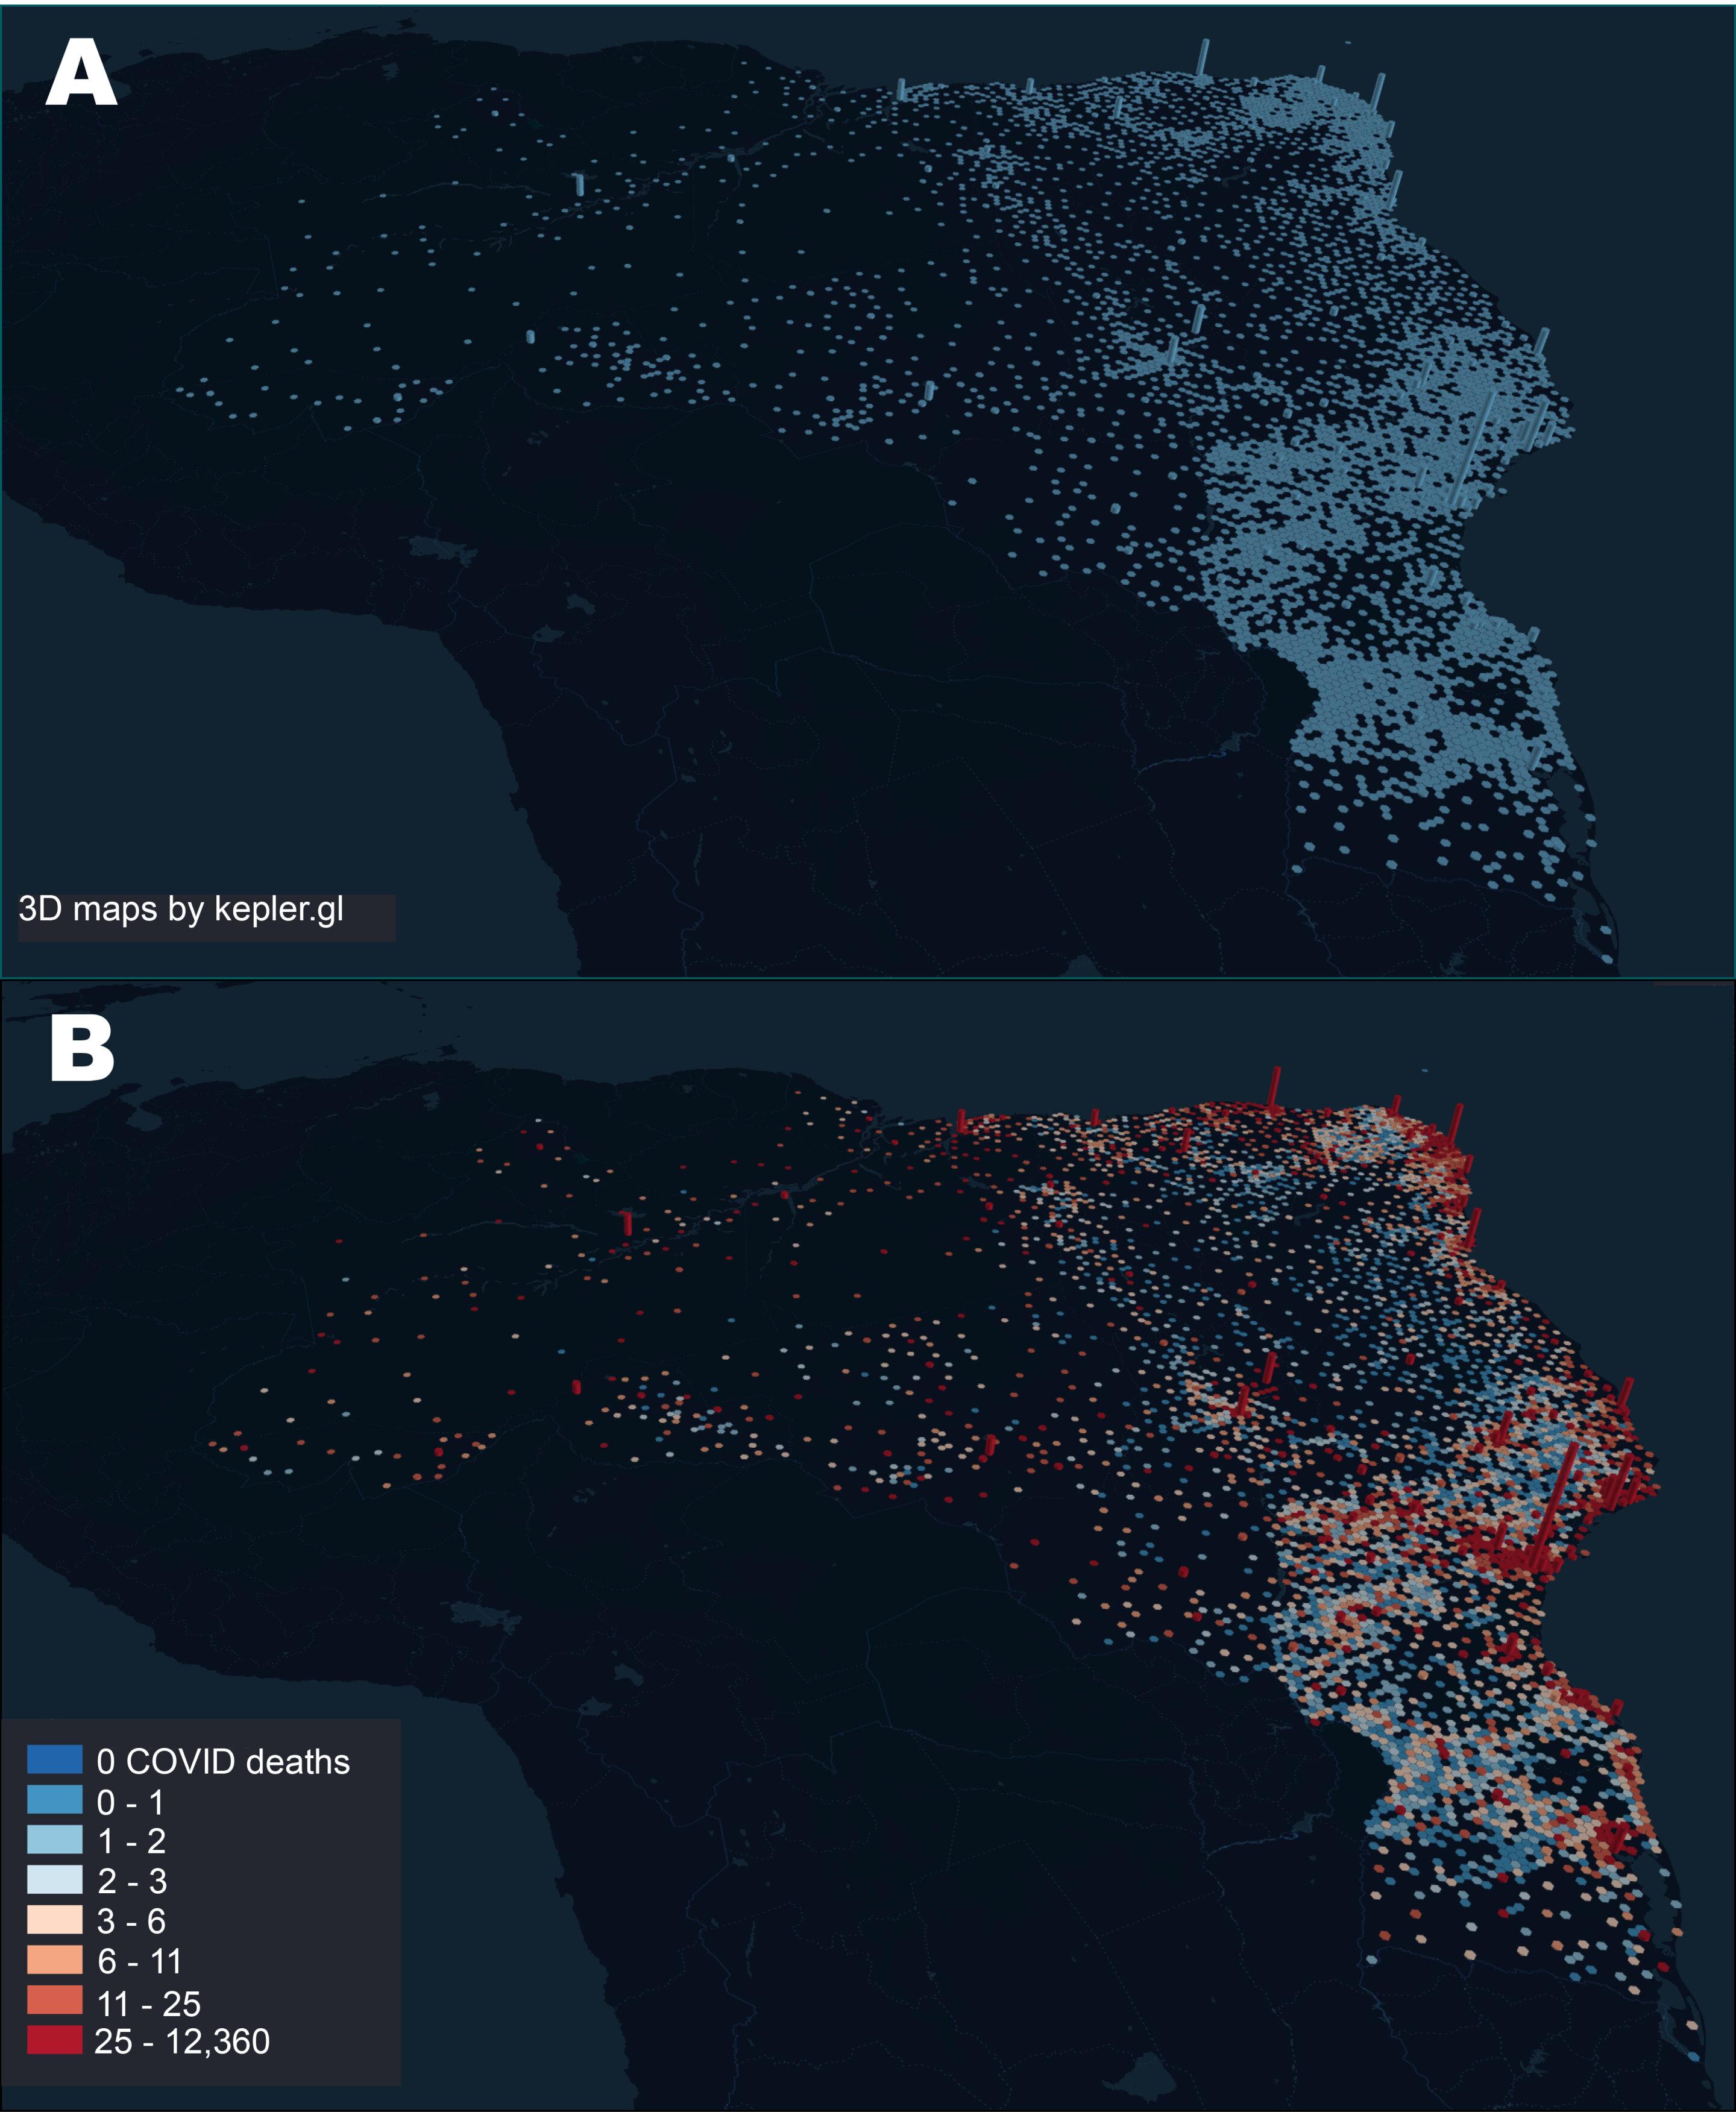 I percorsi attraverso i quali il COVID-19 si è diffuso in Brasile